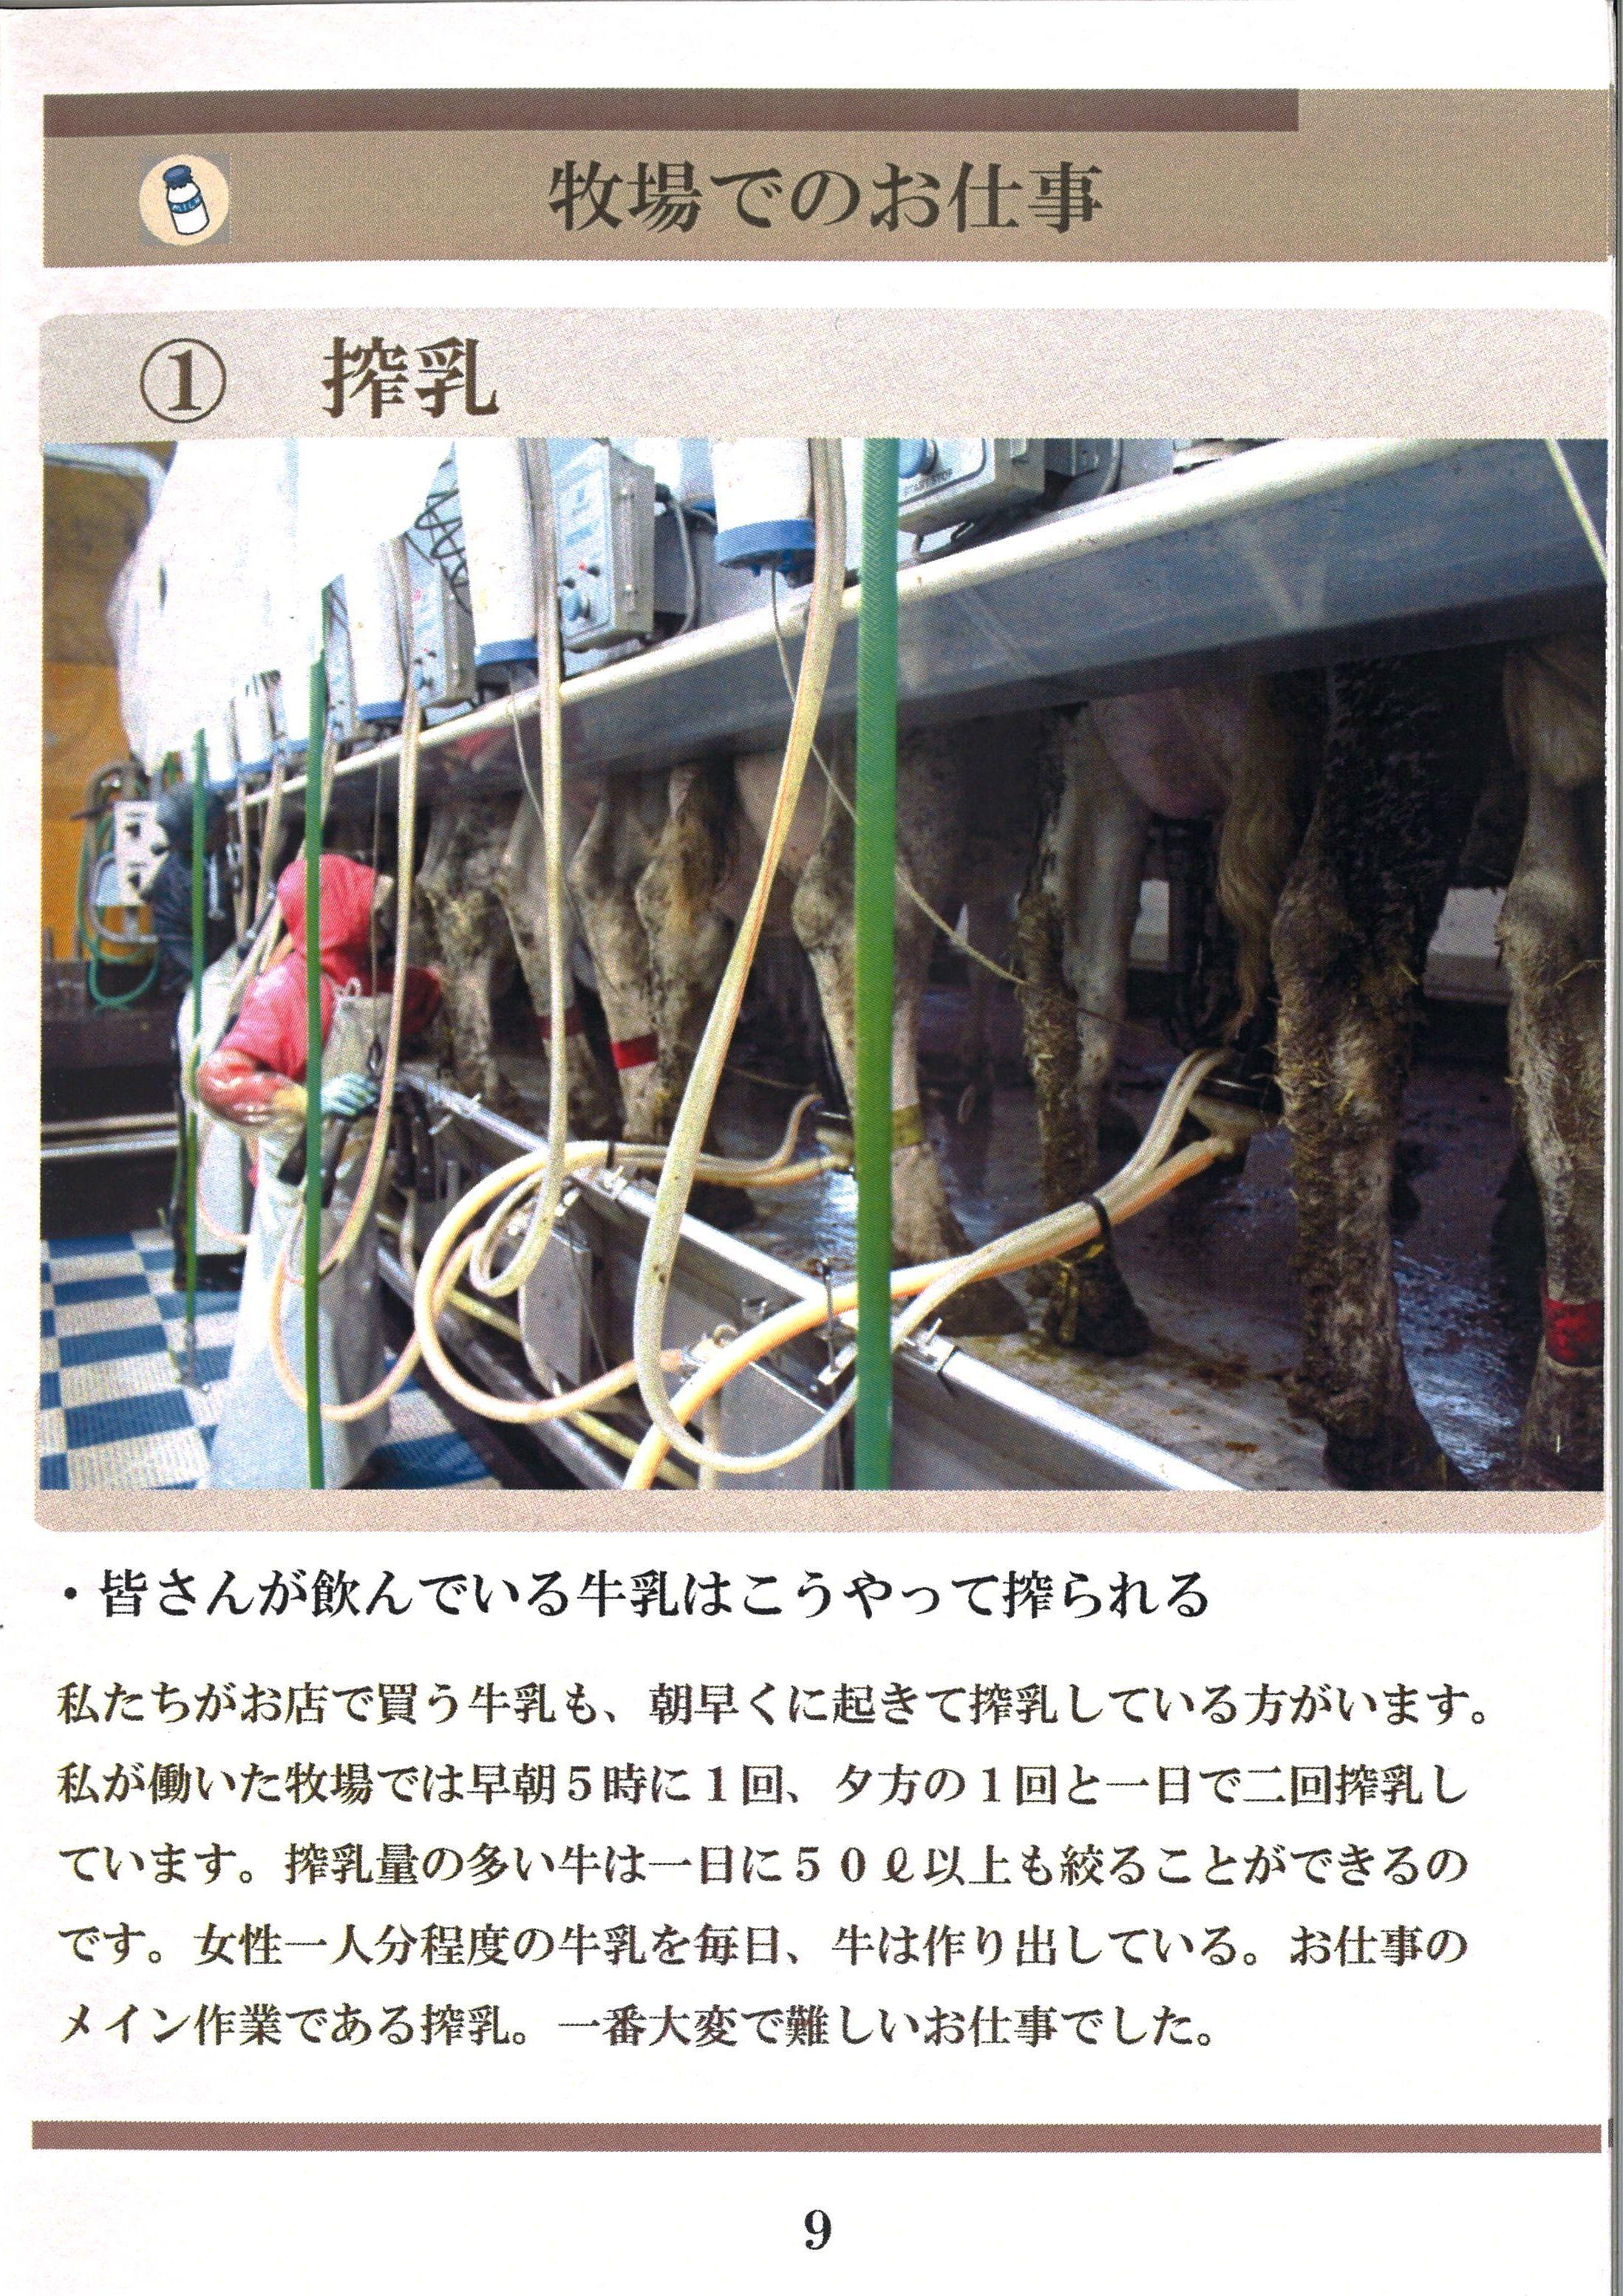 9ページ:牧場のお仕事①